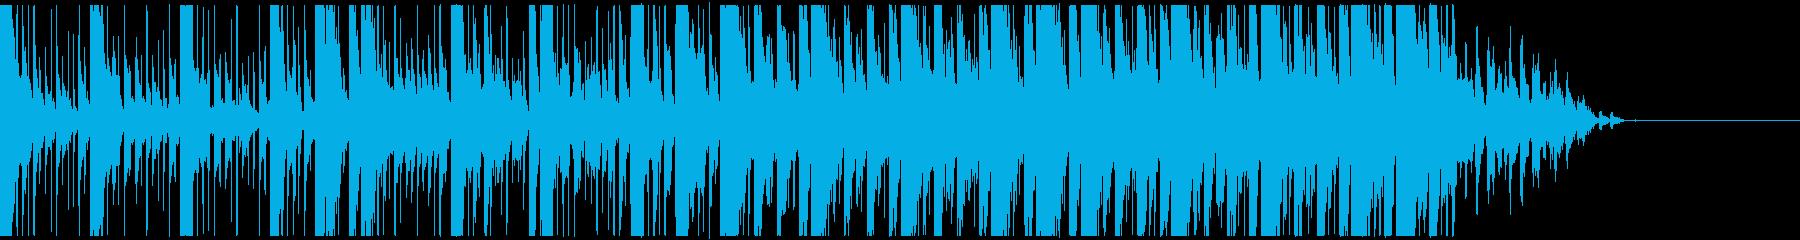 風変わりでサスペンスに満ちたキュー...の再生済みの波形